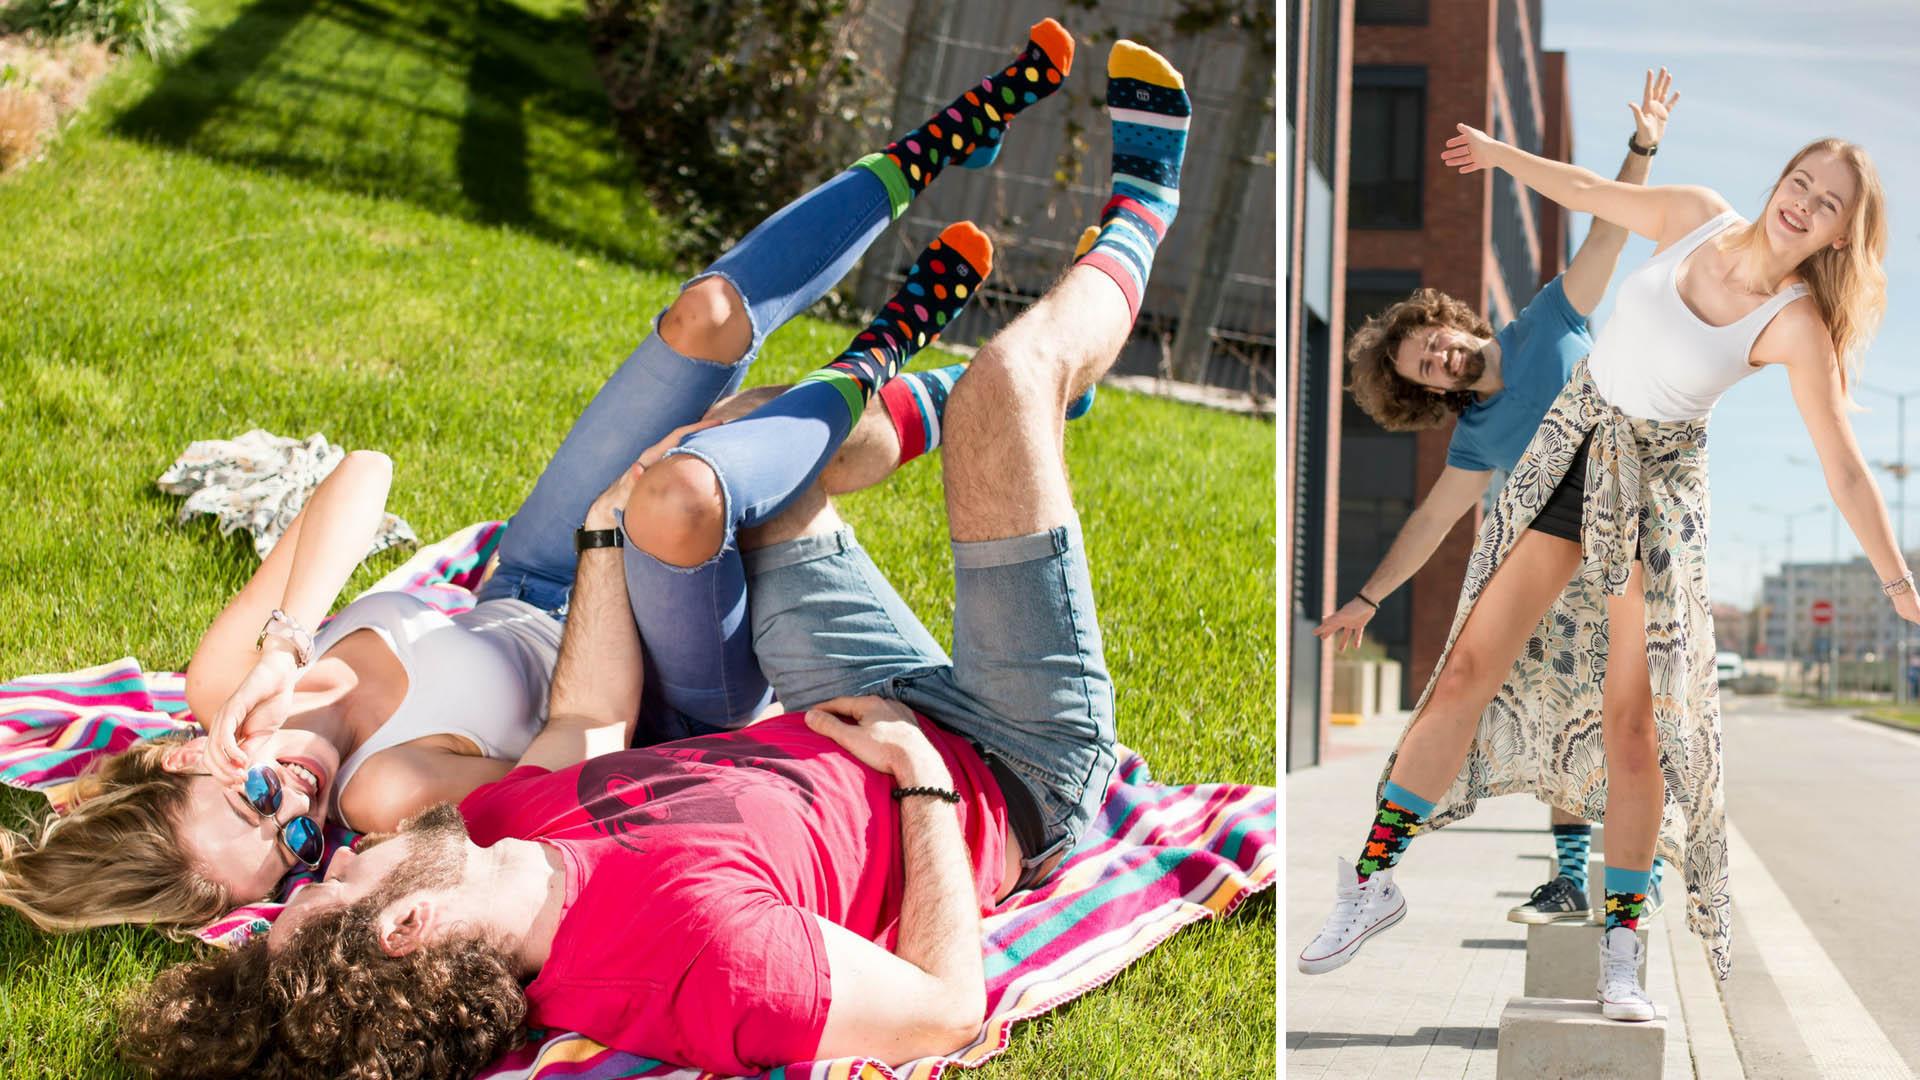 Picknick im Gras in bunten Socken